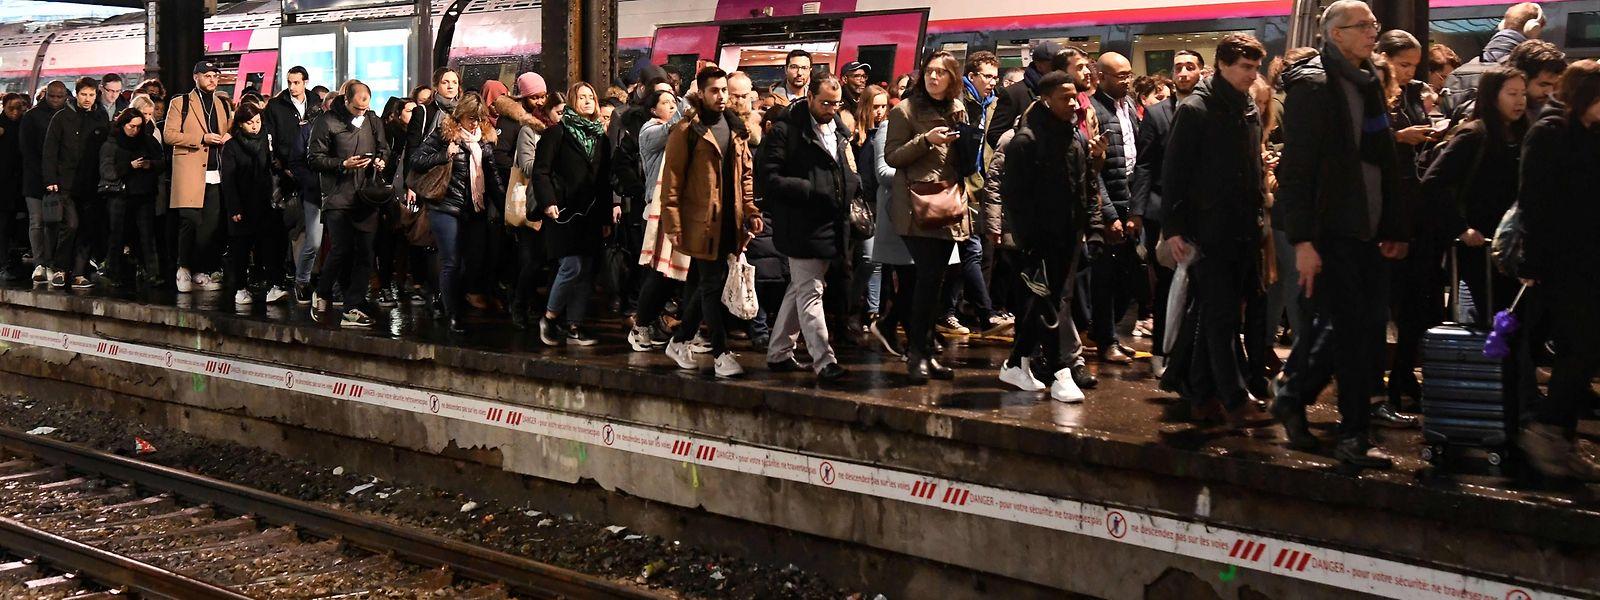 La SNCF a recommandé à ses clients d'éviter de se rendre dans les gares et privilégier d'autres moyens de transport.